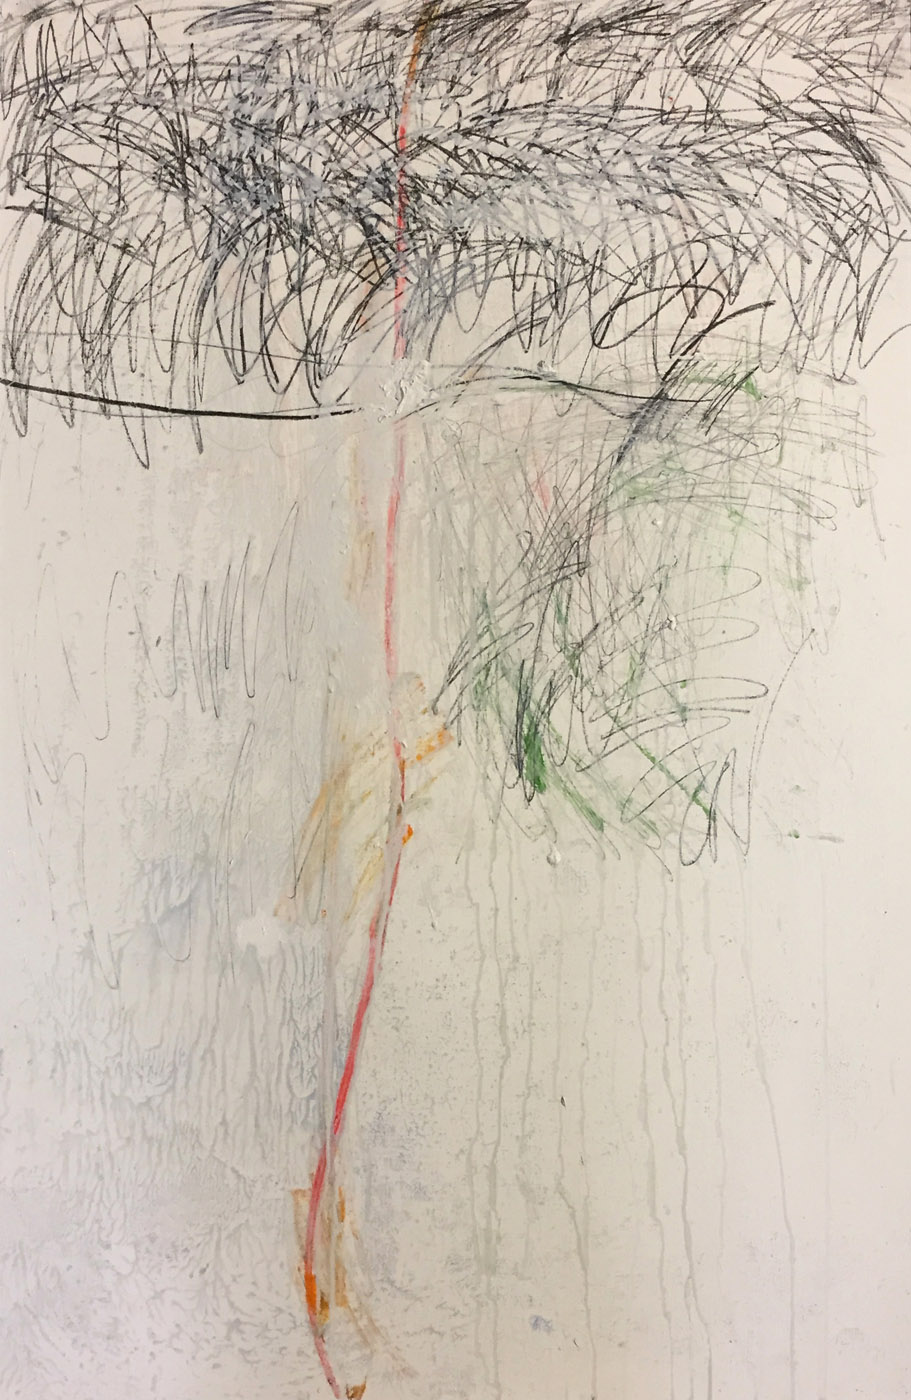 MARC FELD 2018 UN ARBRE' Huile acrylique et mine de plomb sur papier 100 x 65 cm